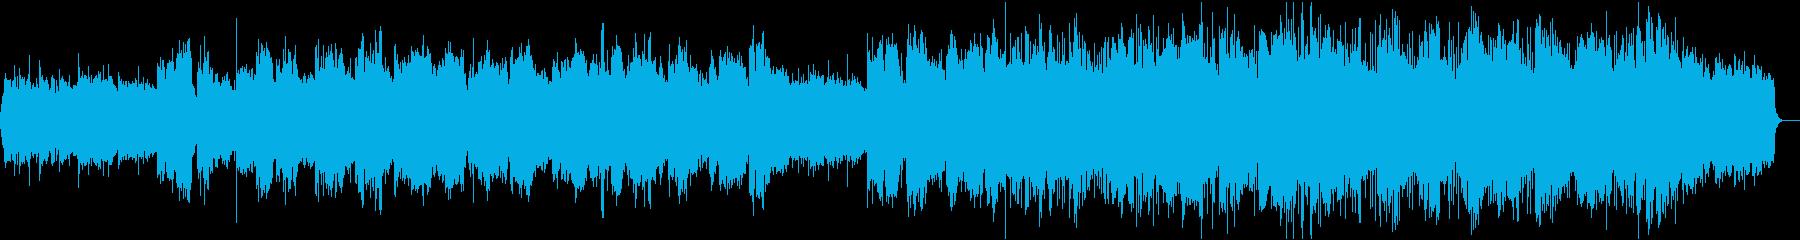 ピアノとオーケストラが入った合唱曲の再生済みの波形